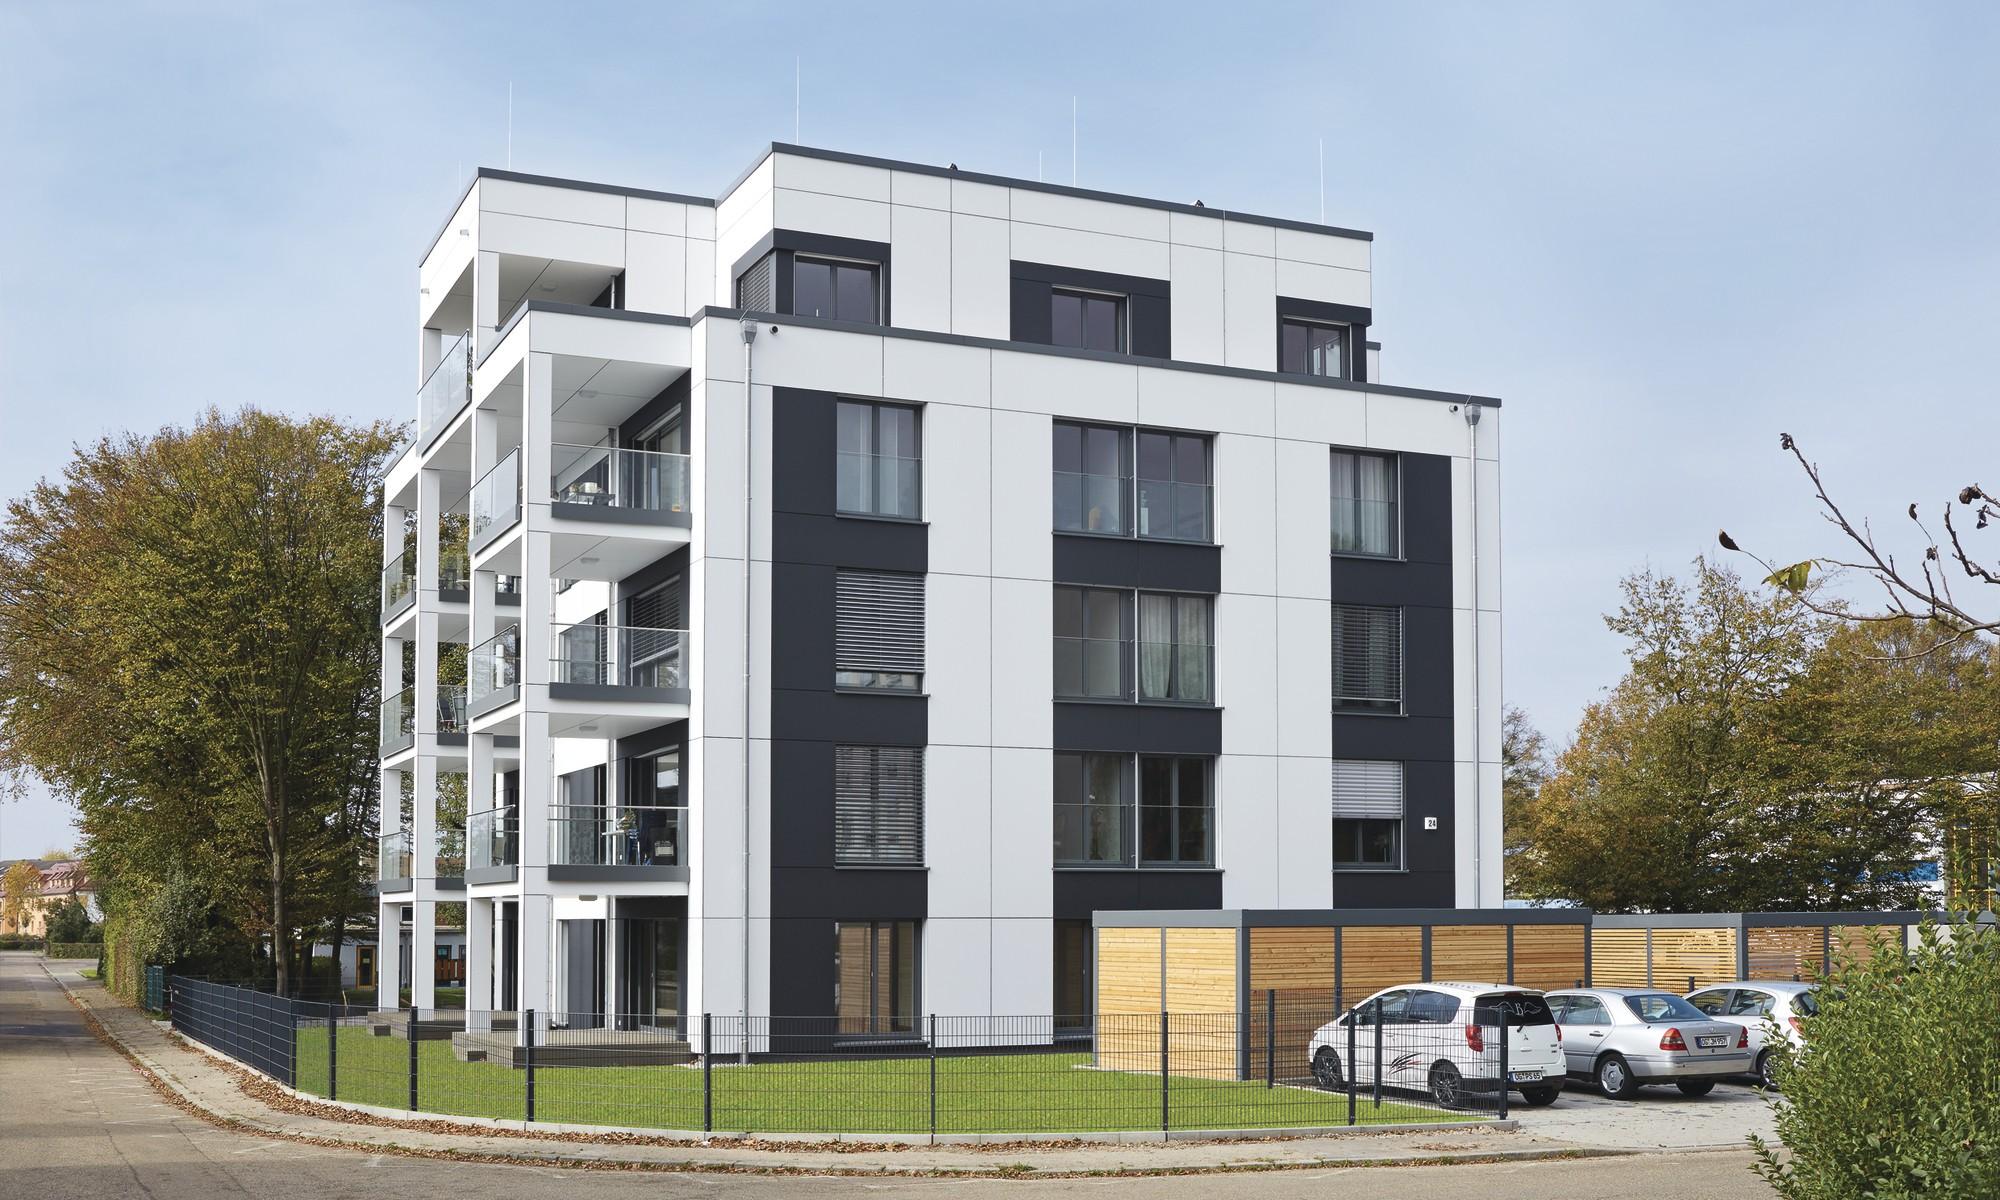 musterhaus kehl auenansicht - Mehrfamilienhaus Grundriss Beispiele